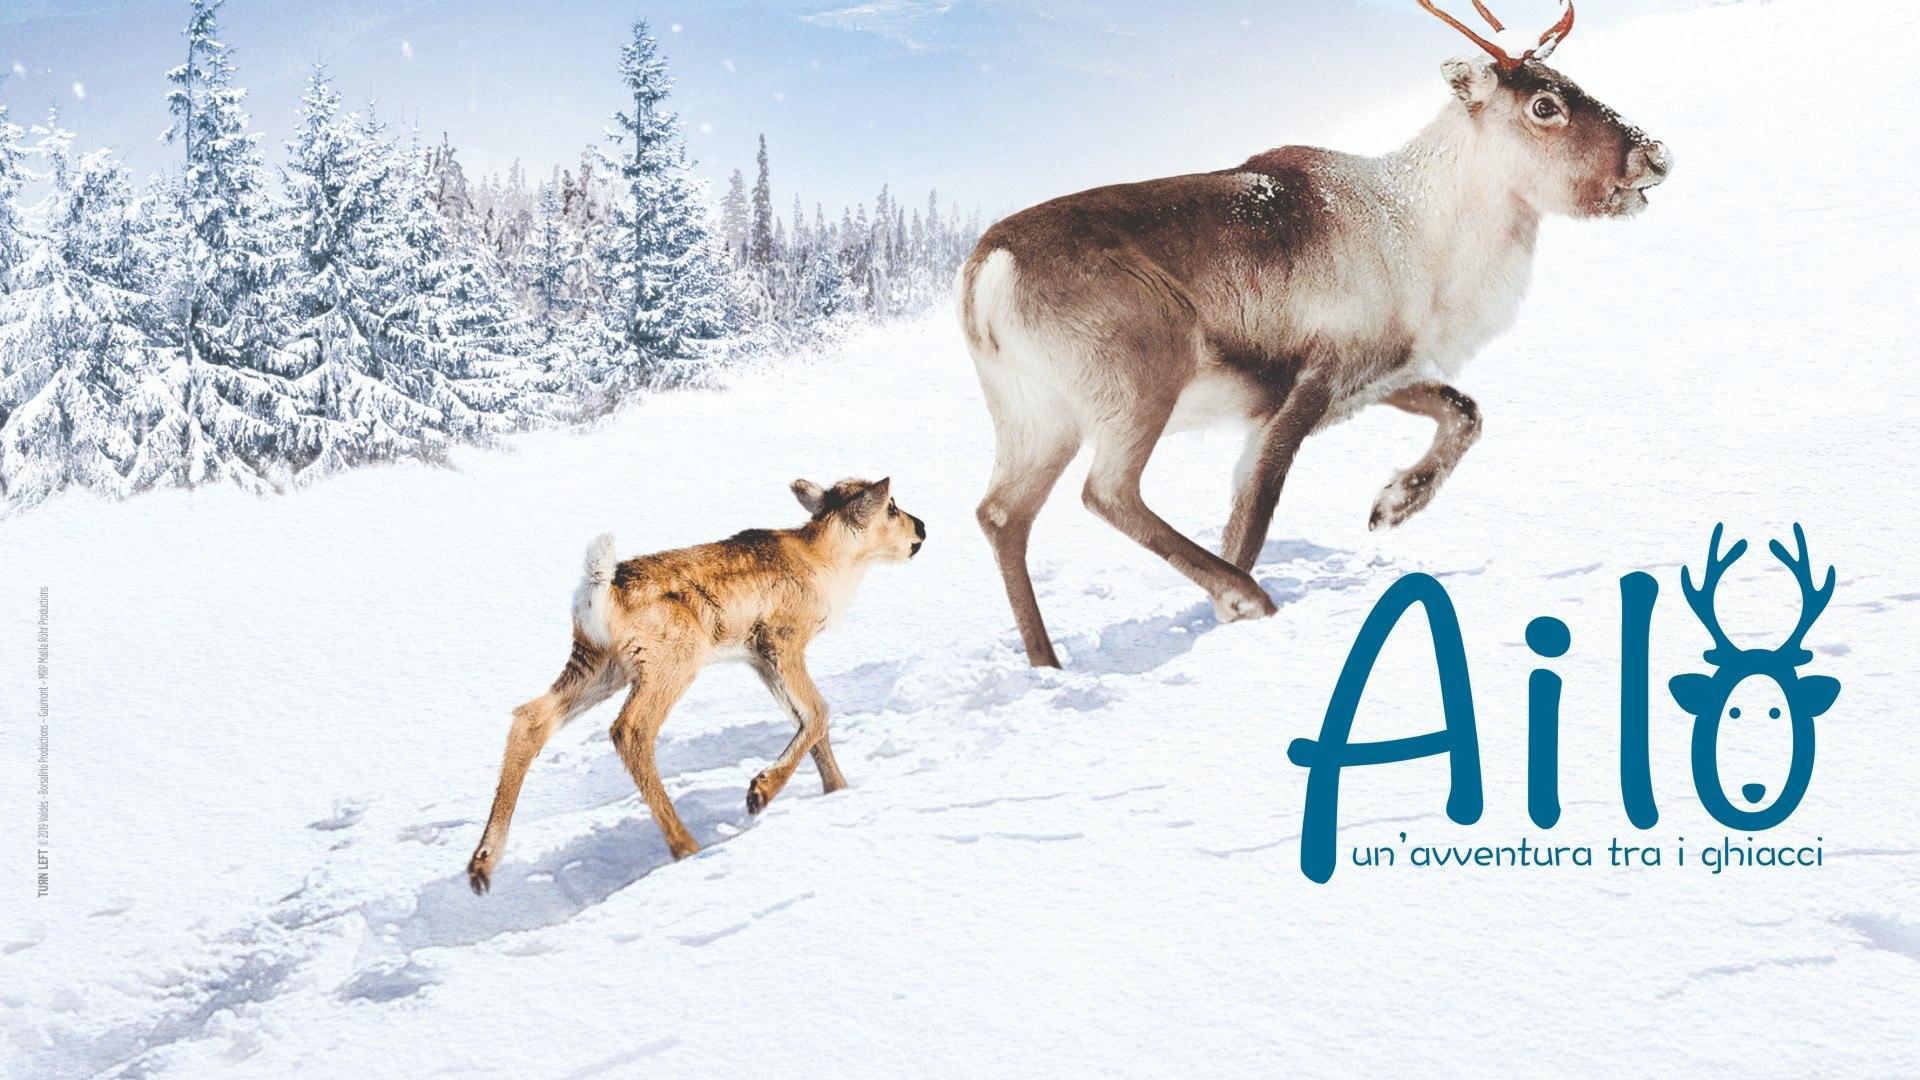 Martedi 8 Dicembre 2020 Sky e Premium Cinema, Ailo